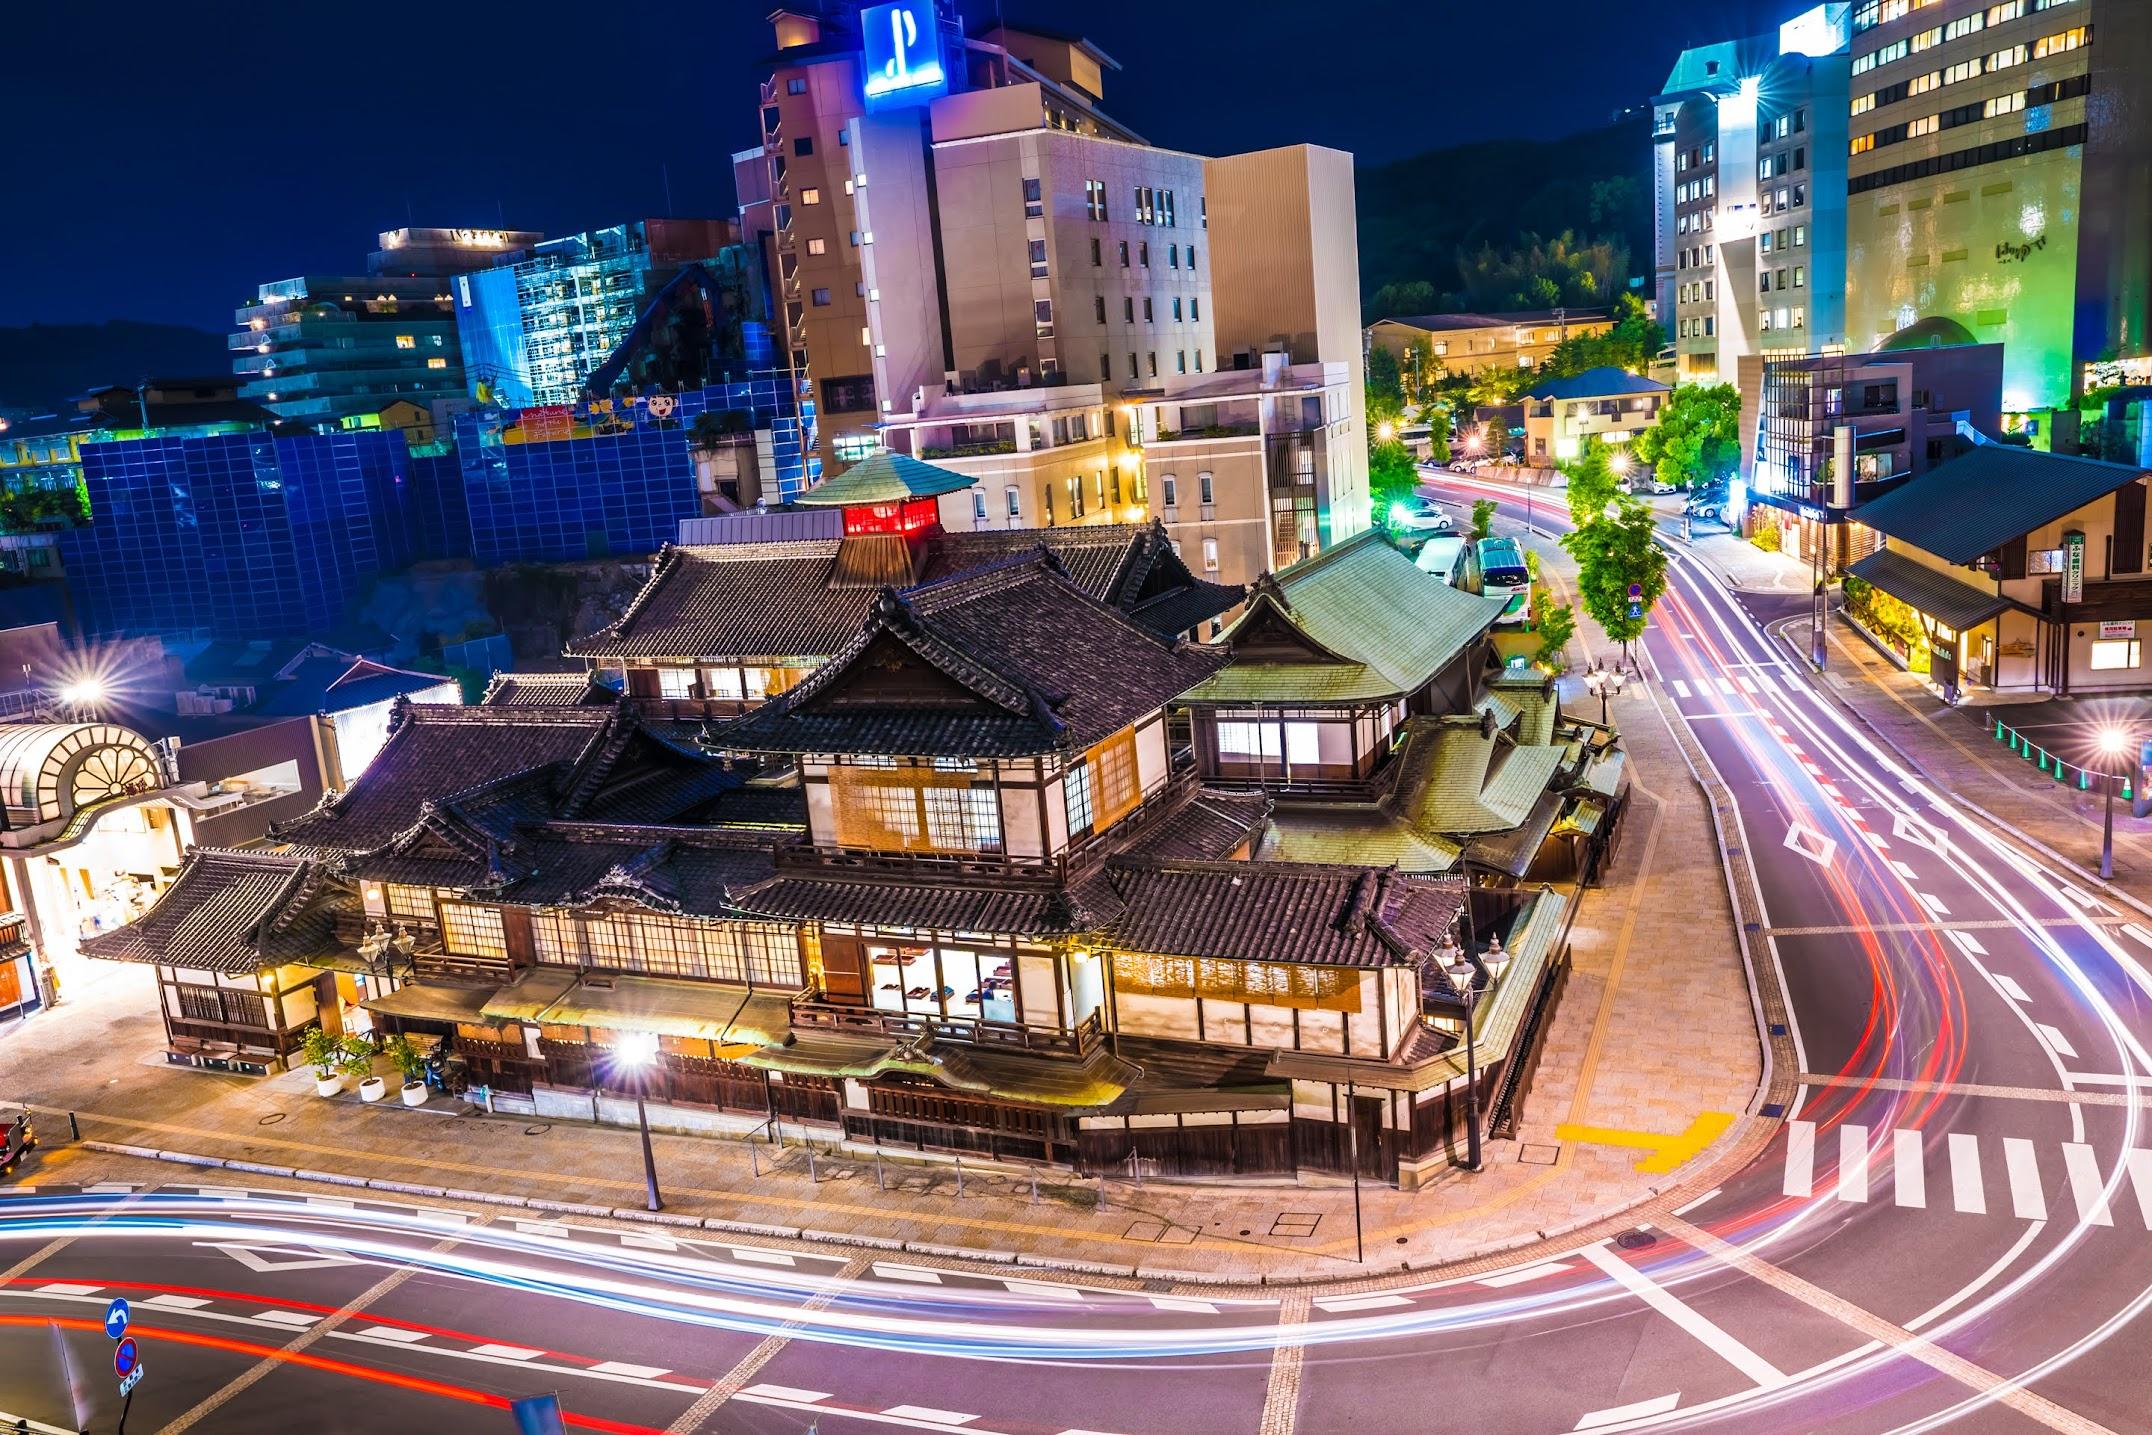 Dogo Onsen Honkan night1